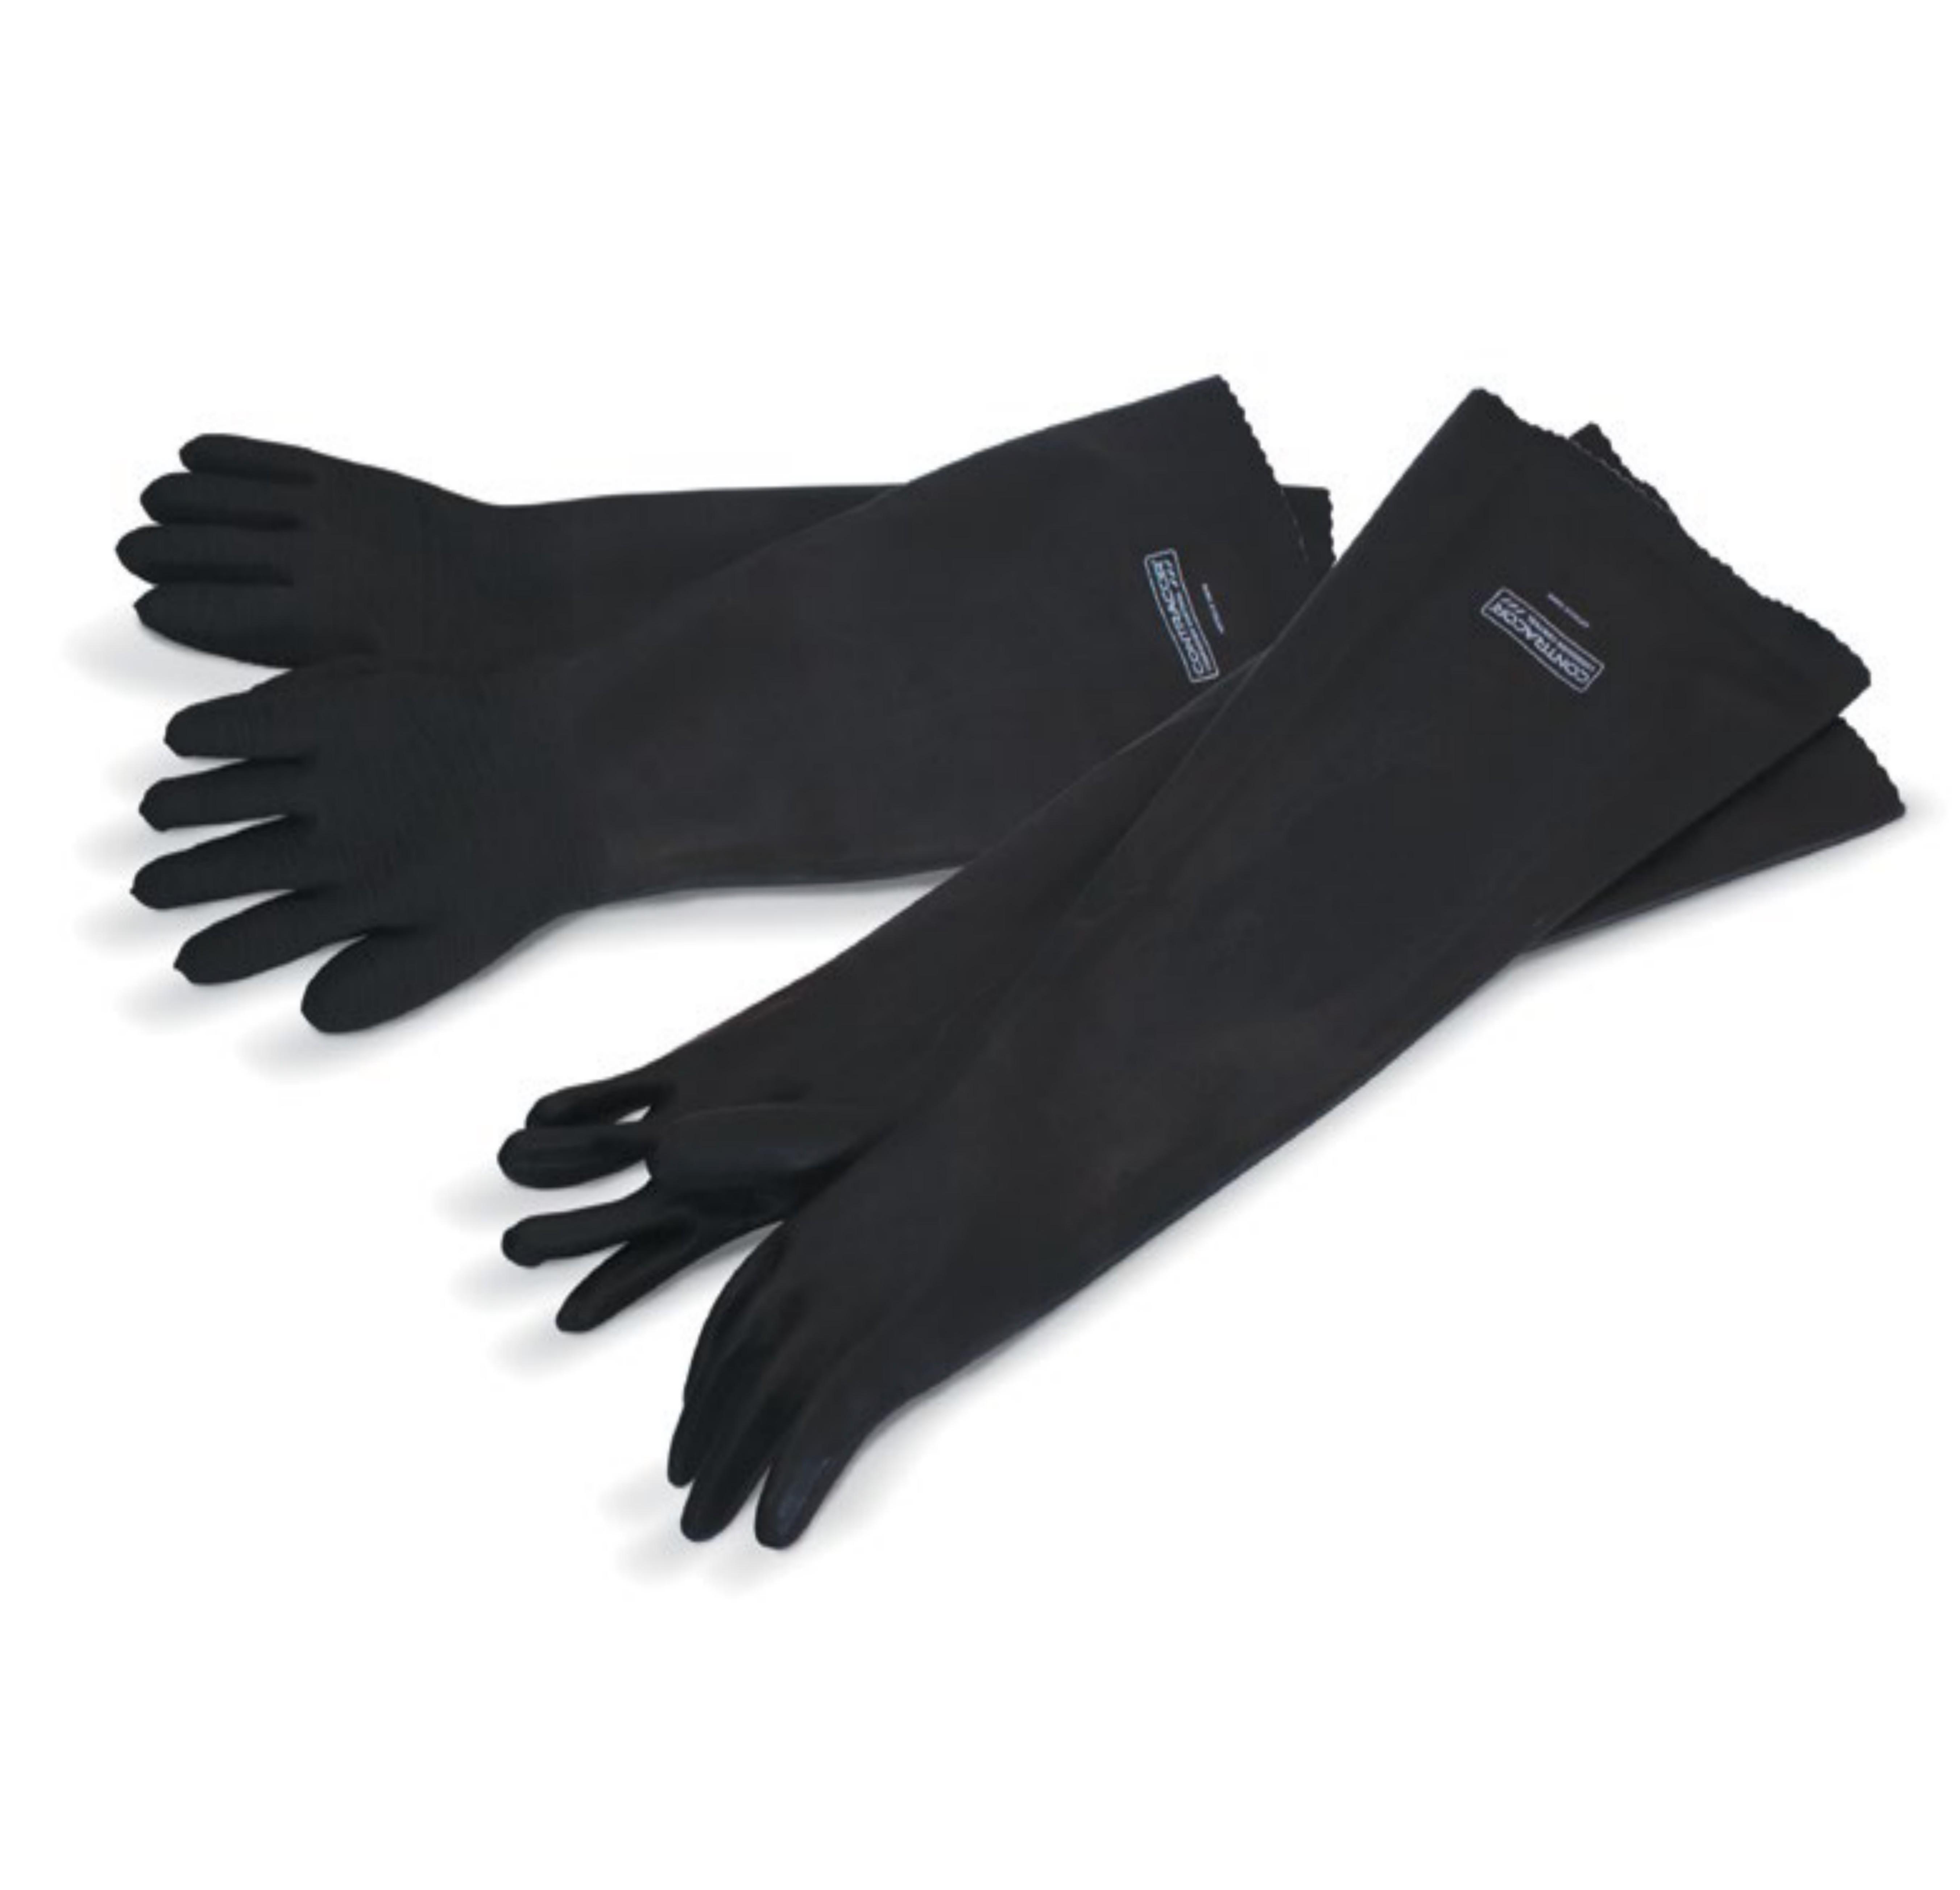 Strahlkabinen-Handschuhe RGS/RGA Contracor